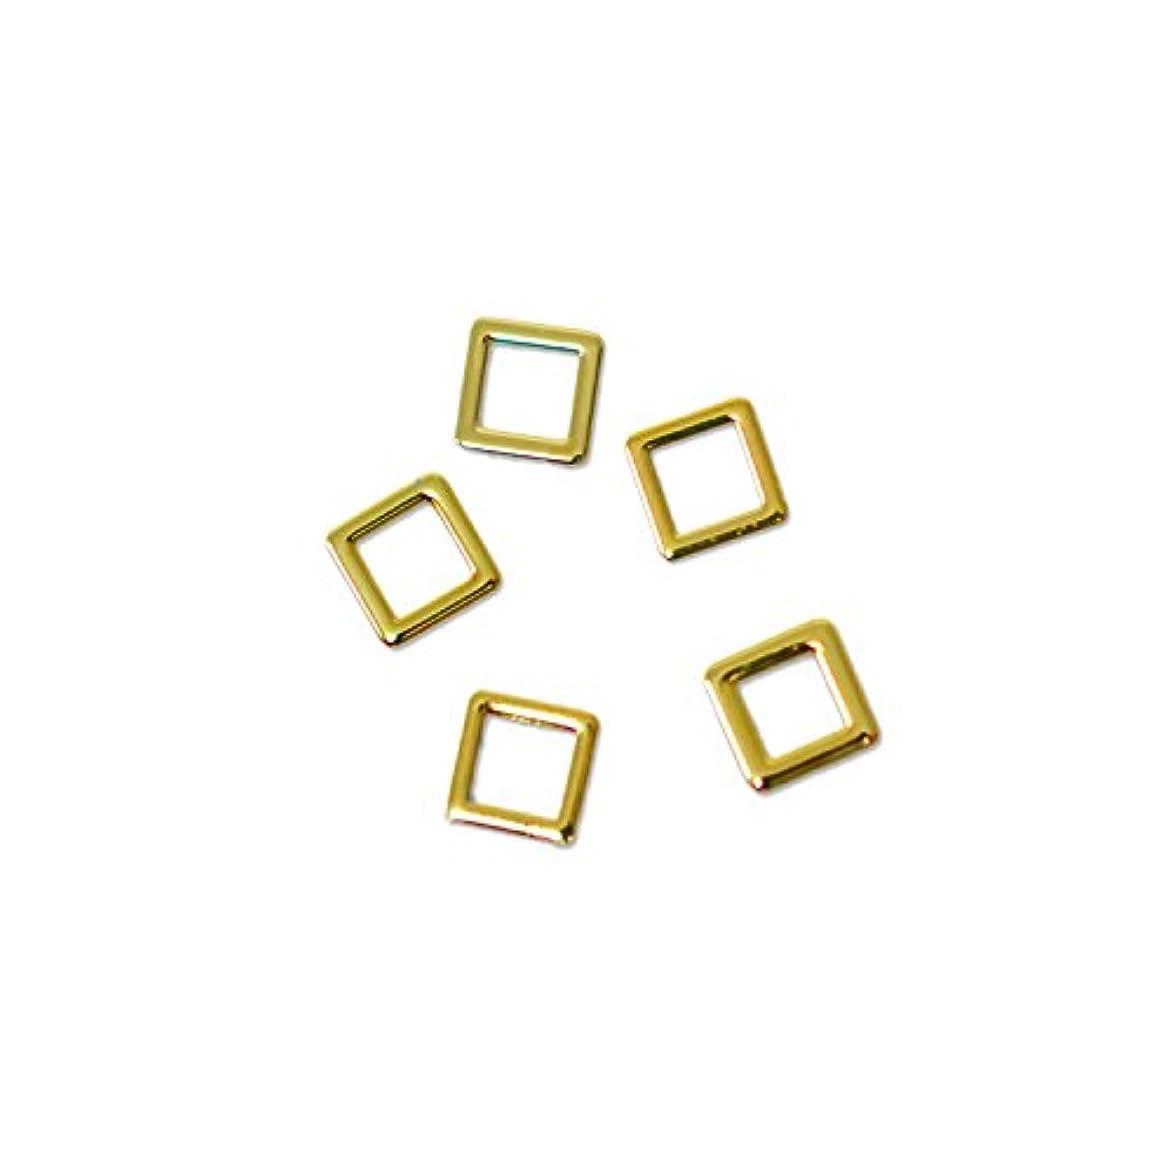 あなたは縮れた日光薄型メタルパーツ10001 スクエア 約3mm(内寸約2mm) ゴールド 20個入り 片面仕上